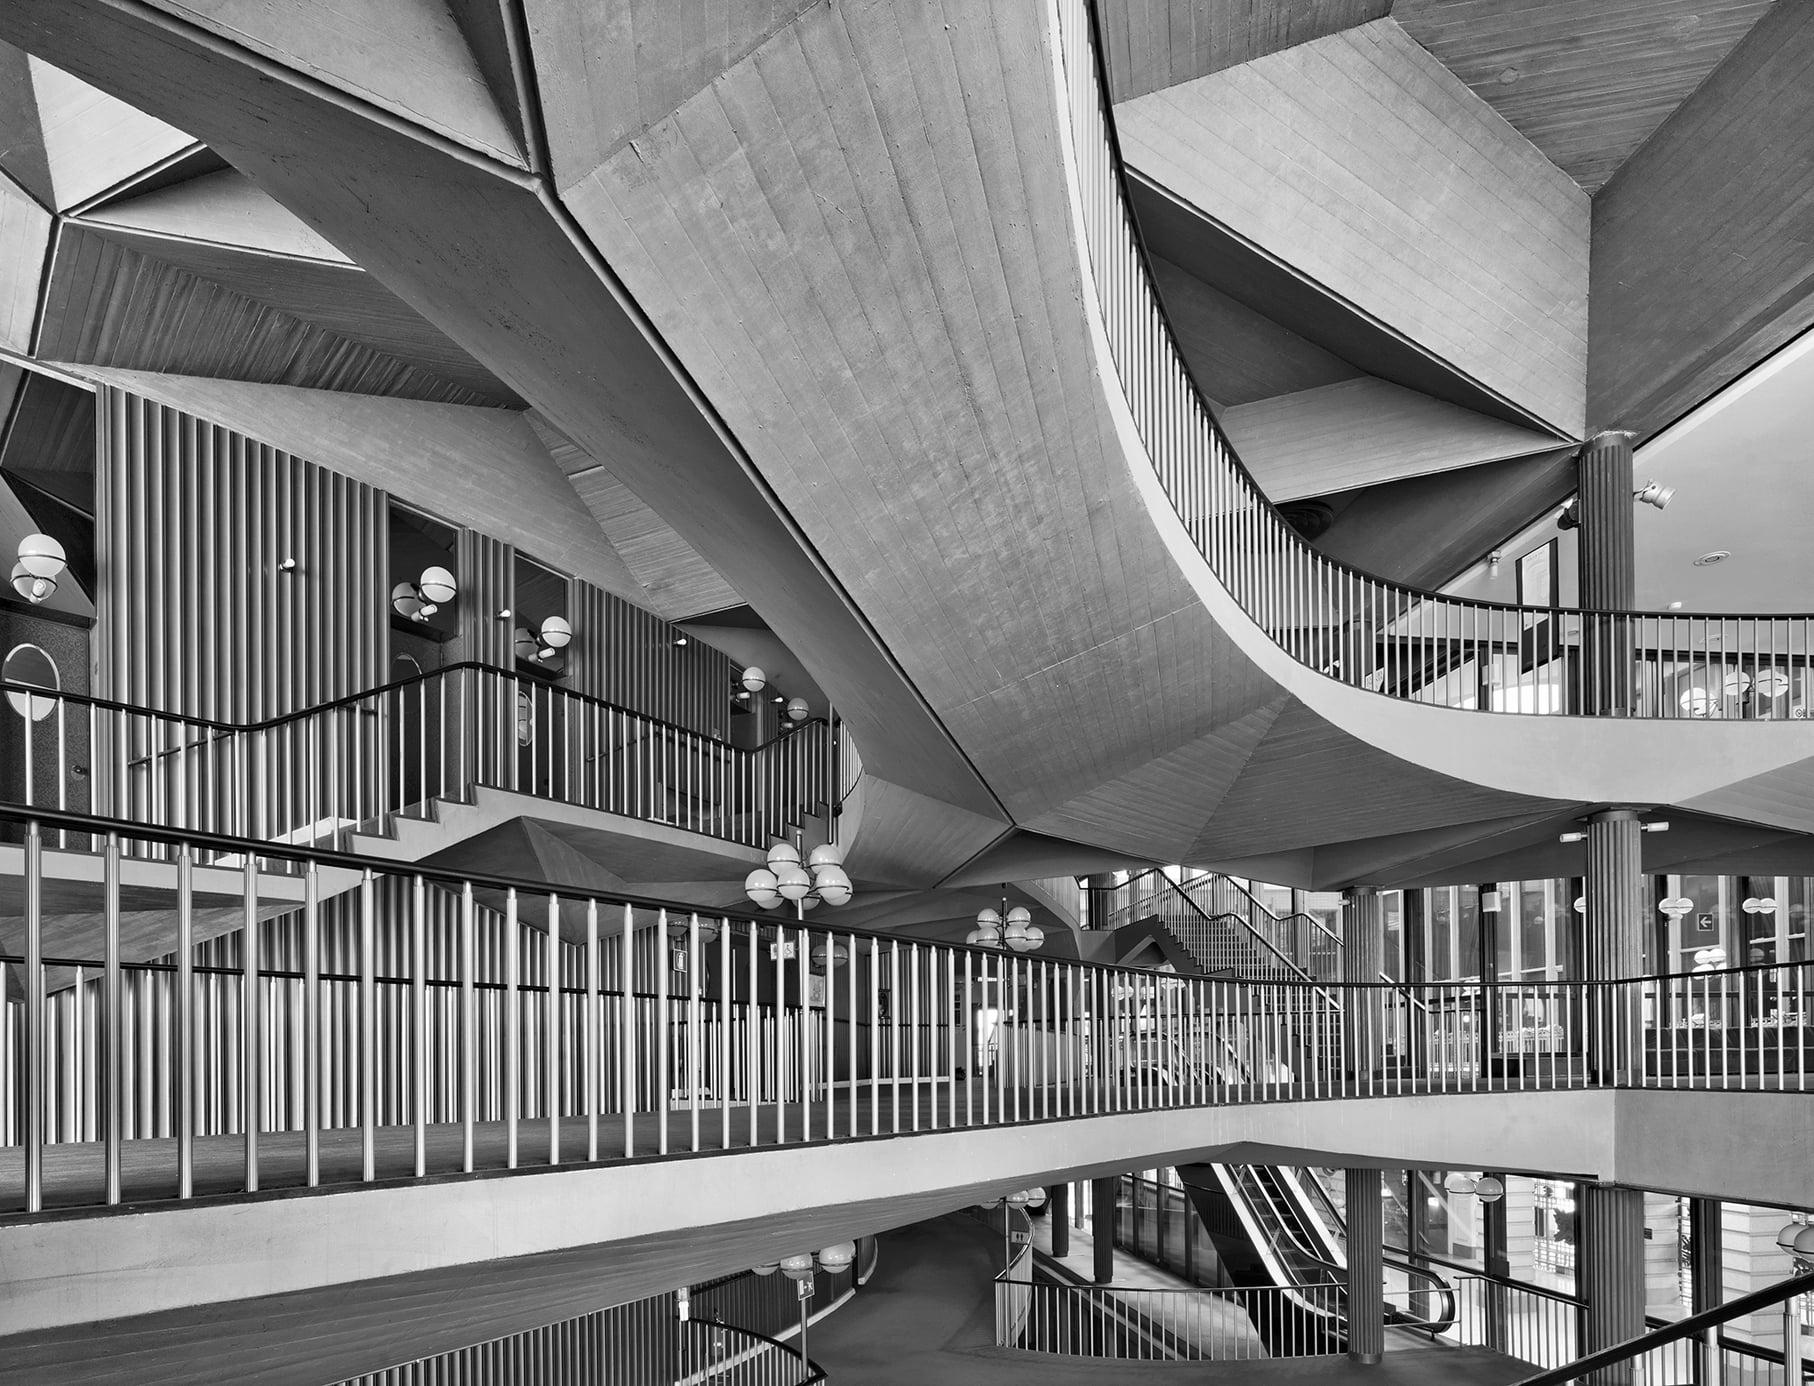 Teatro Regio di Torino, 1966-73